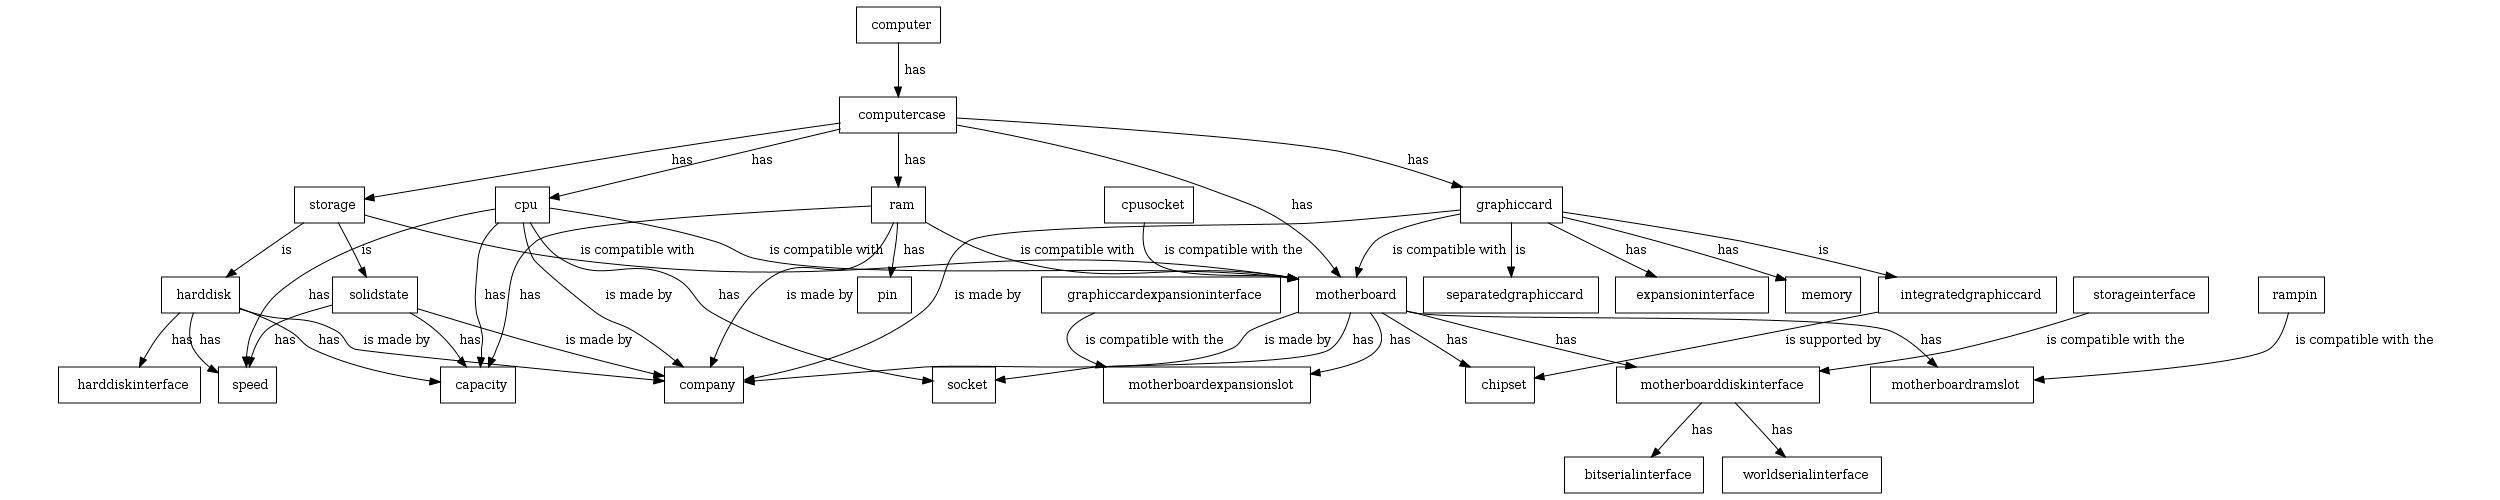 Modelimi i pjesëve kryesore të kompjuterit.